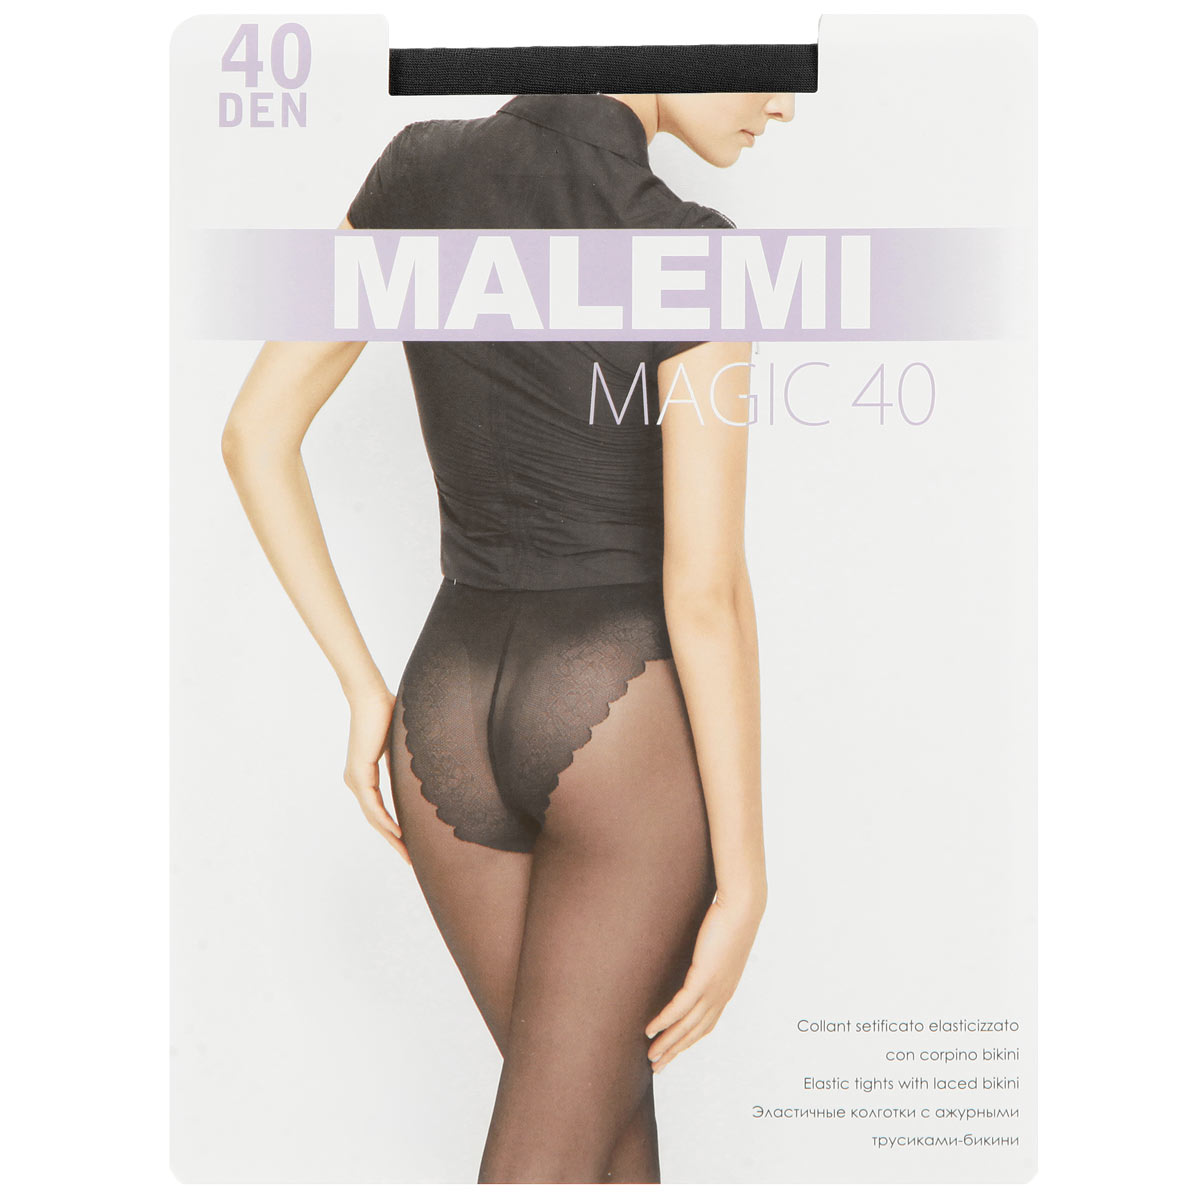 Колготки женские Malemi Magic 40, цвет: Nero (черный). Размер 3 (M)Magic 40Эластичные колготки с ажурными трусиками-бикини. Комфортный пояс, гигиеническая ластовица, укрепленный прозрачный мысок. Плотность: 40 den.